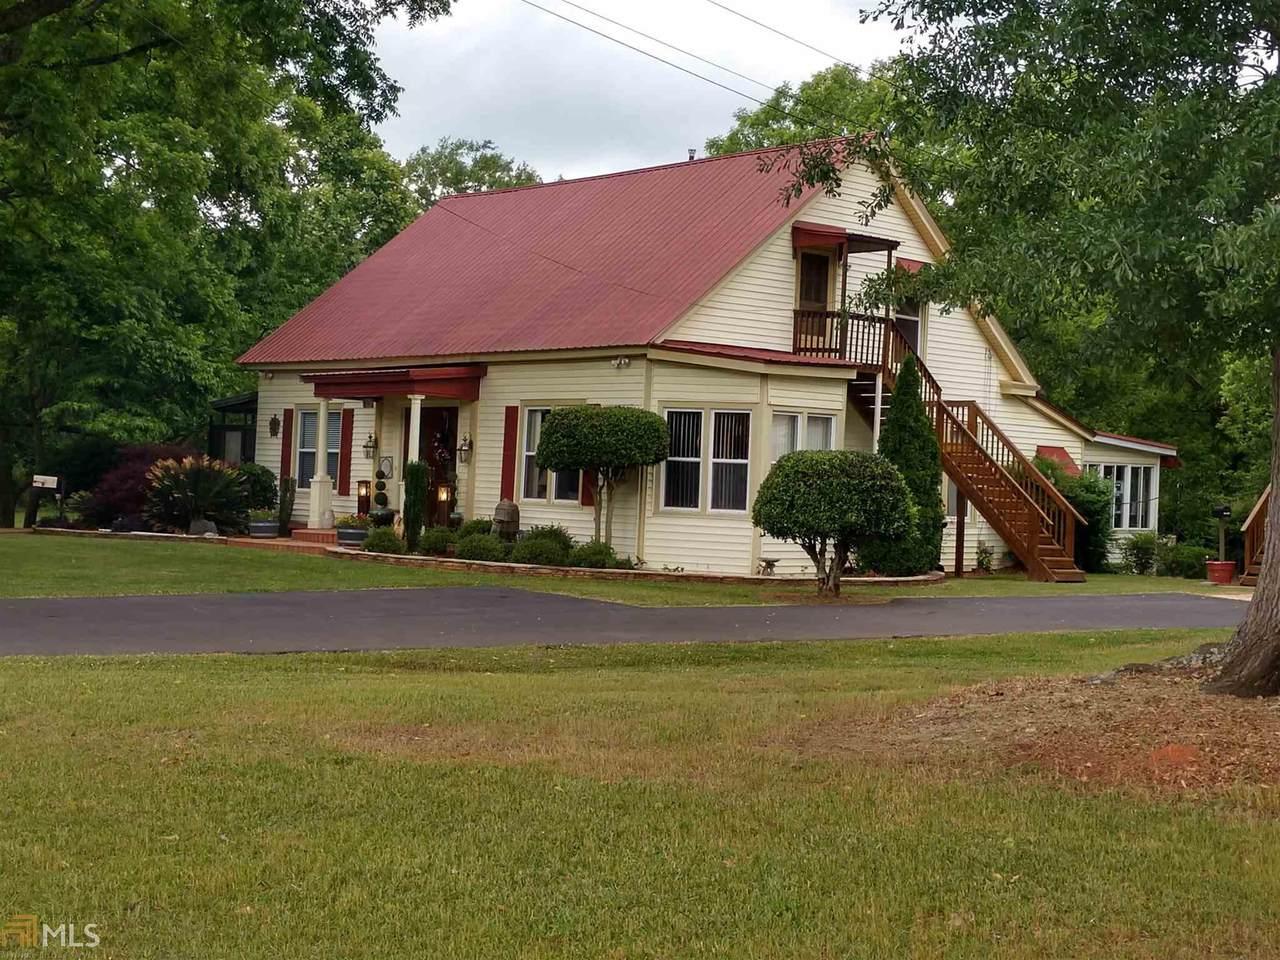 148 1/2 Georgia Ave - Photo 1